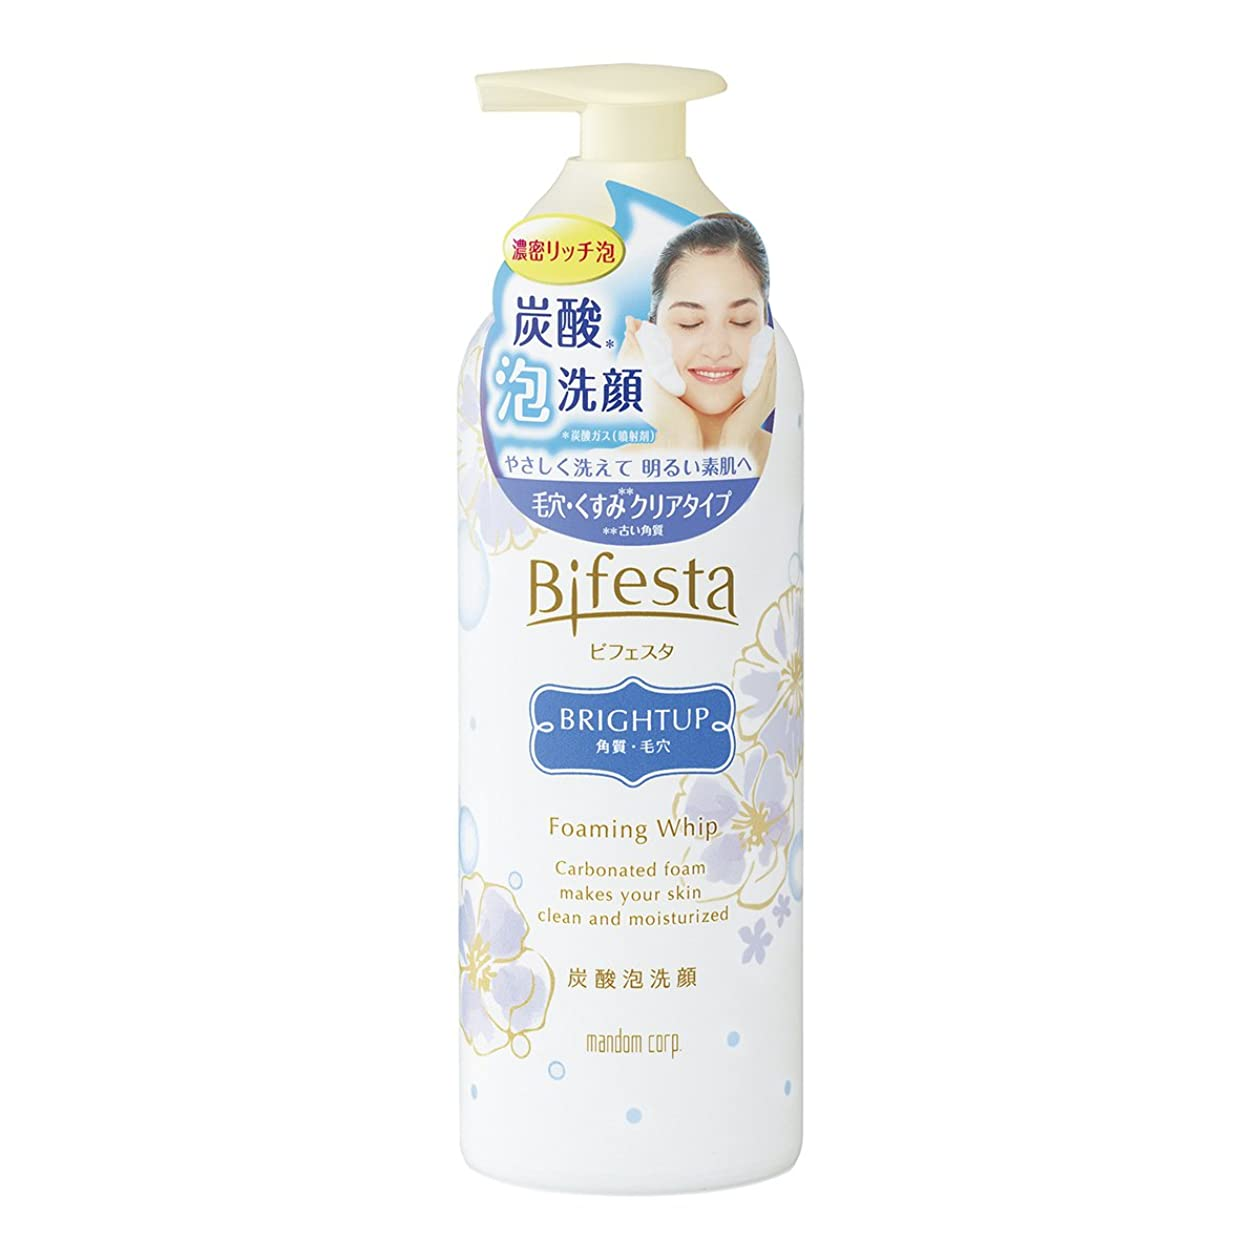 正当なクリエイティブ暖かくビフェスタ 泡洗顔 ブライトアップ 180g